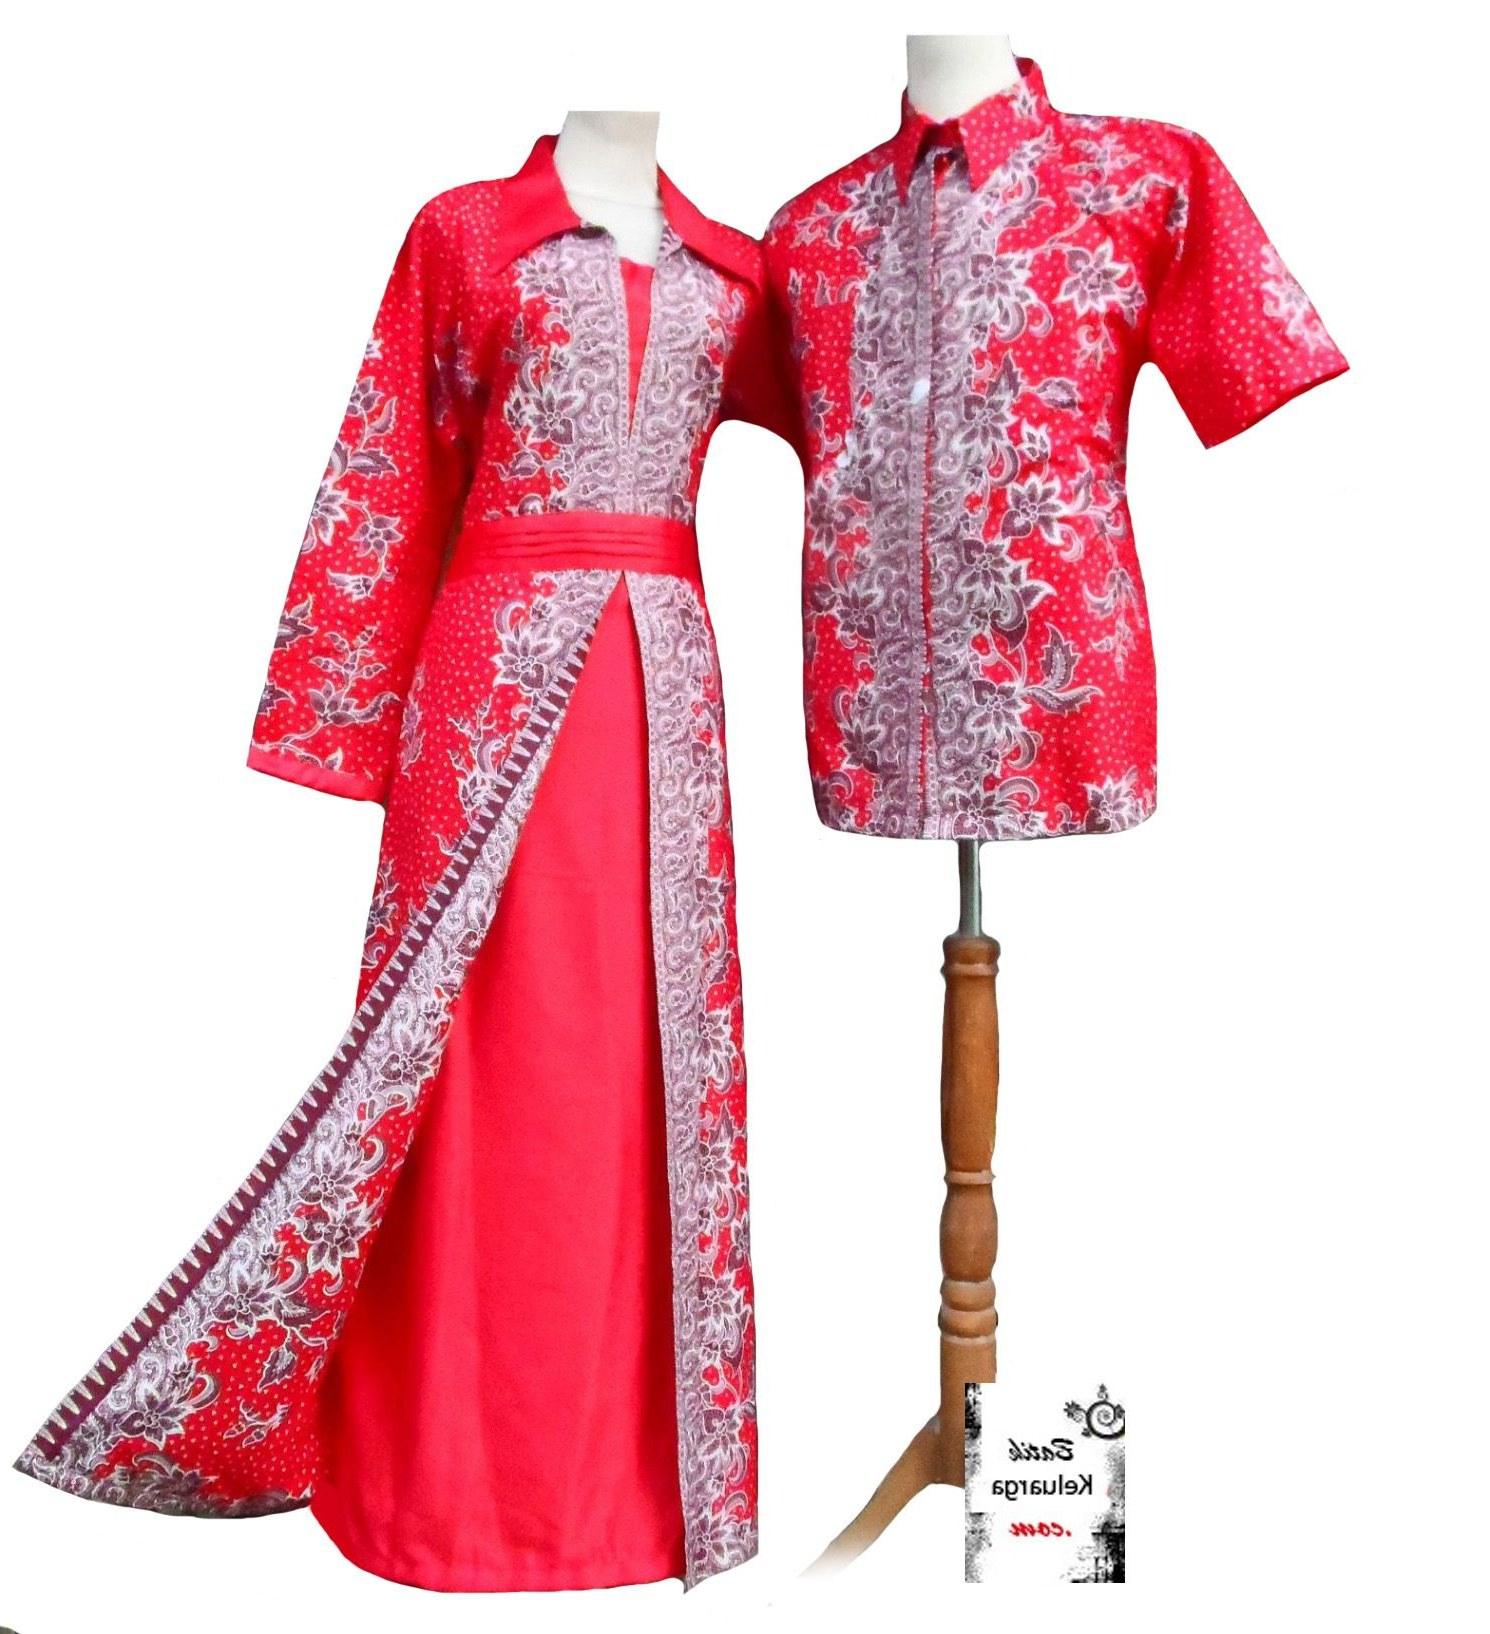 Inspirasi Baju Lebaran Batik Q0d4 Baju Lebaran 2016 Batik Keluarga Pinterest Models